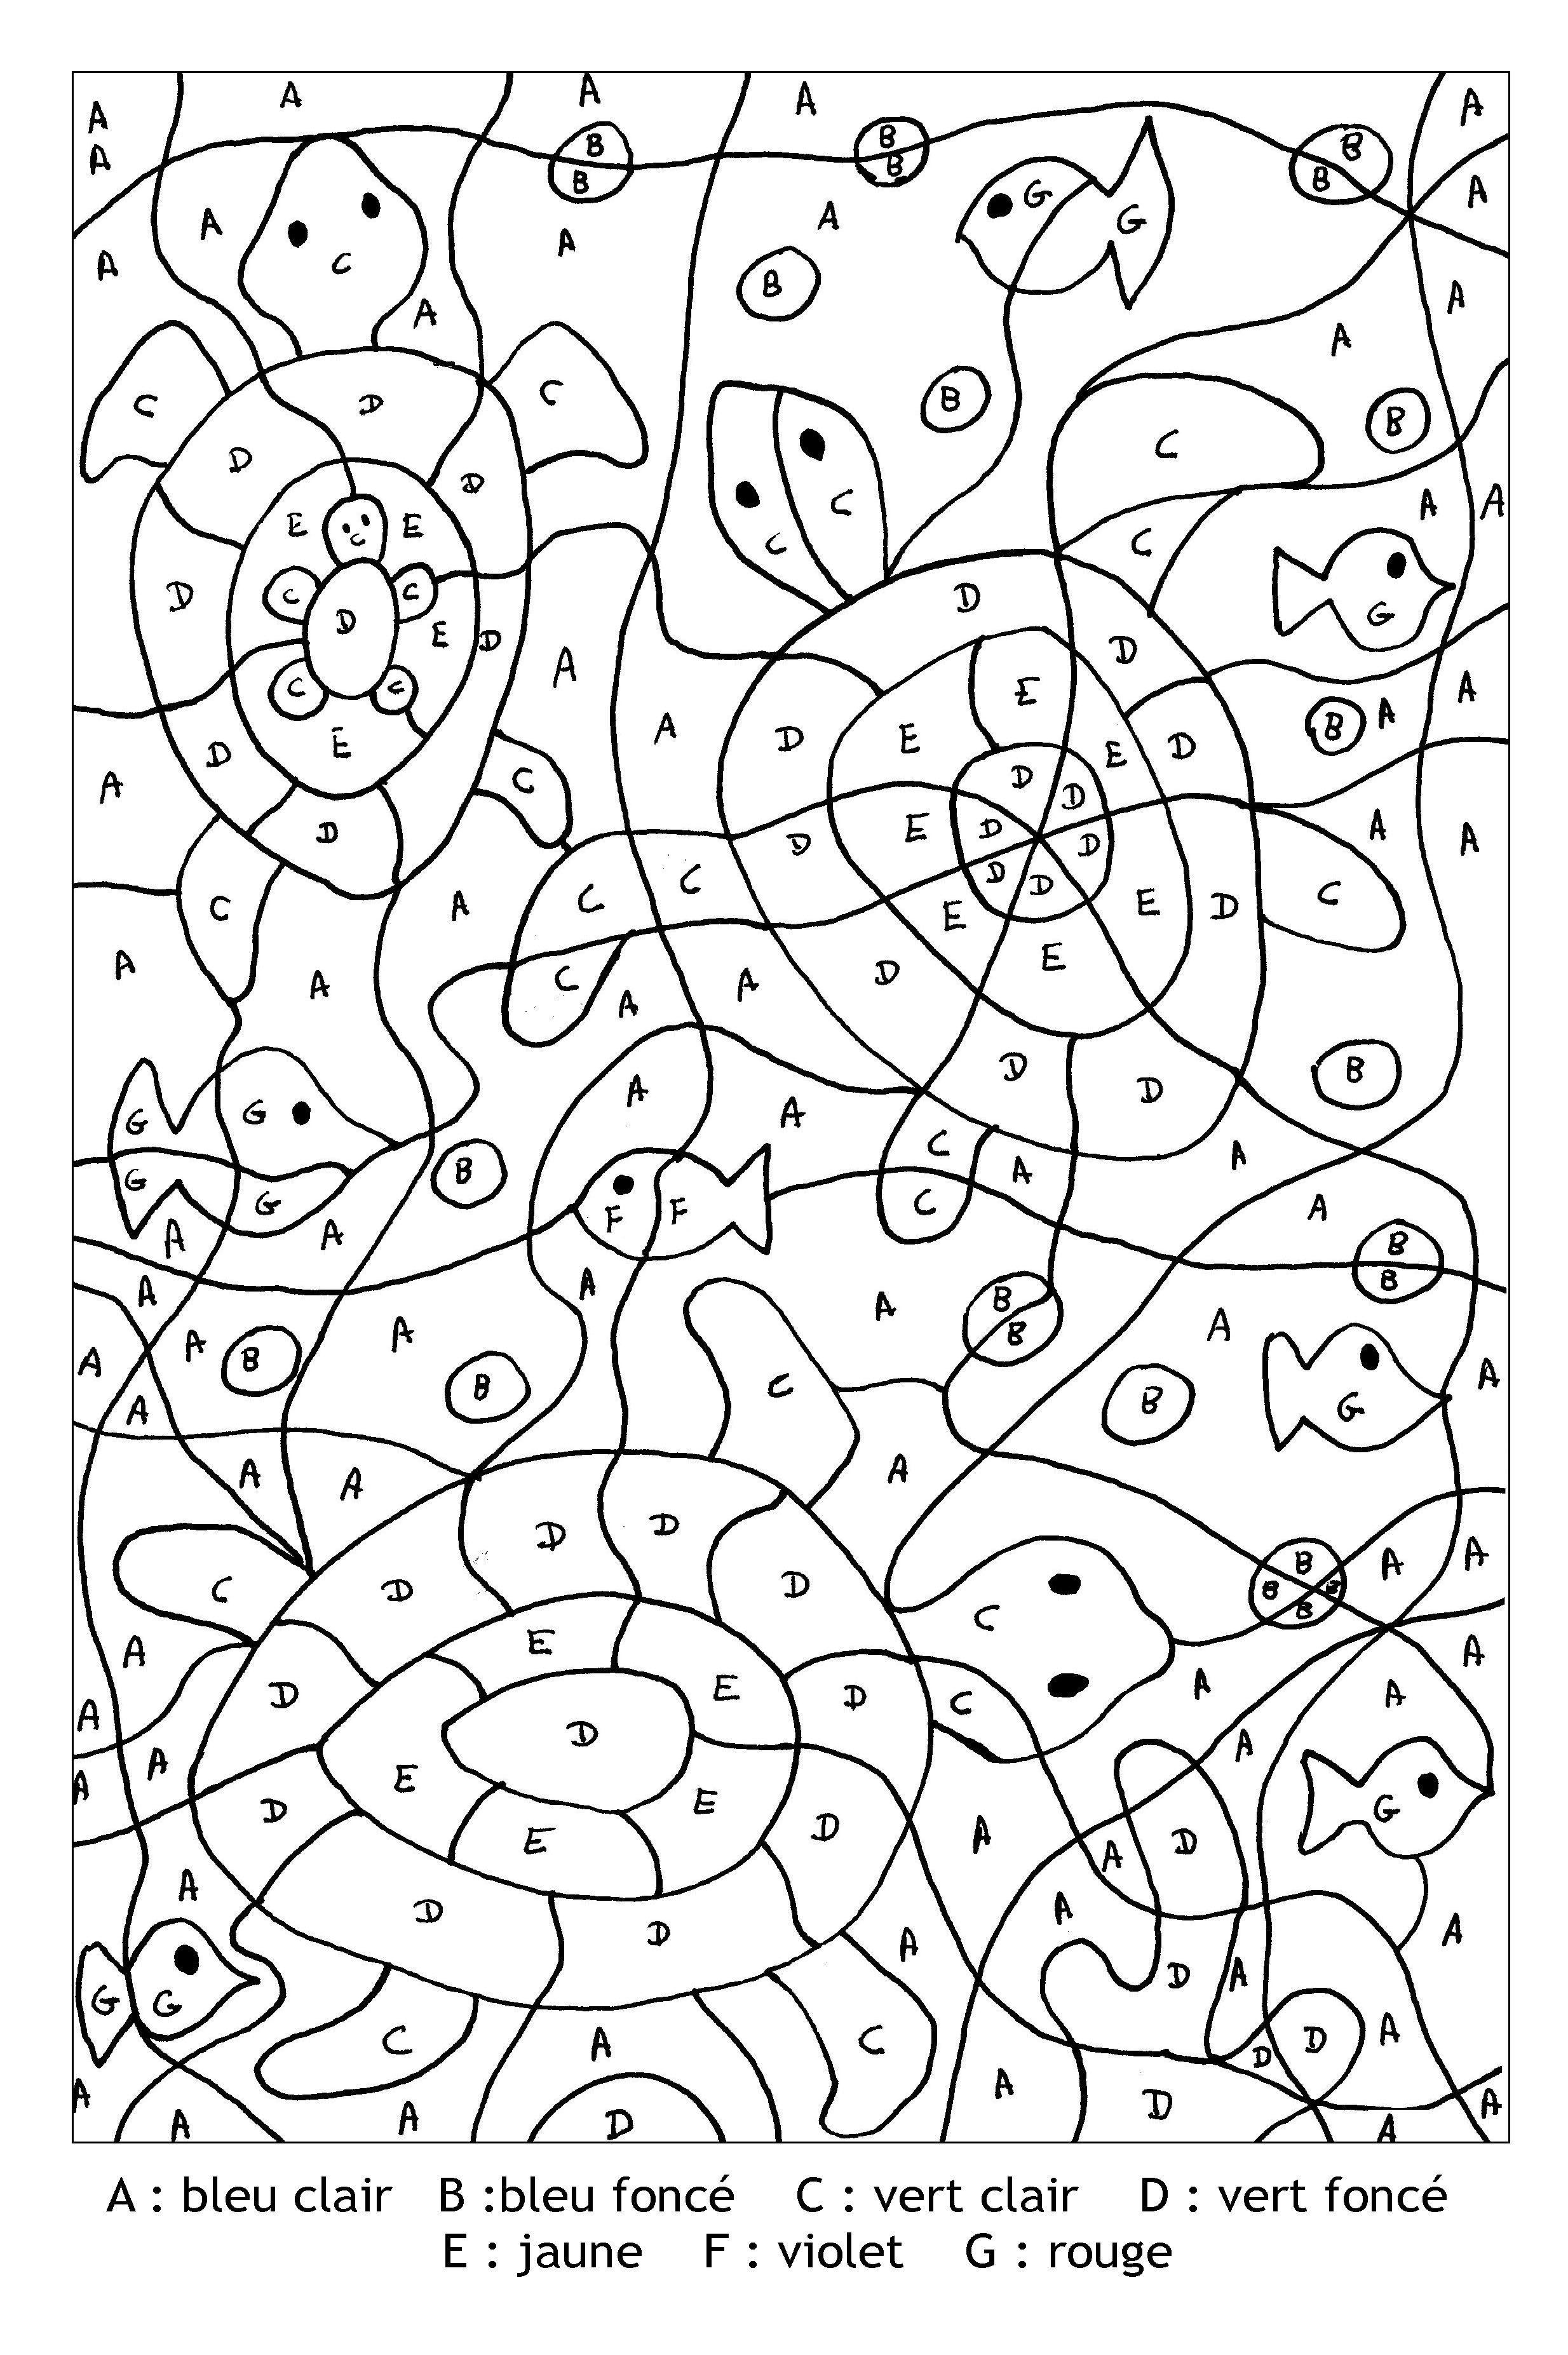 Coloriage Magique Lettre C  Coloriage magique noel, Coloriage